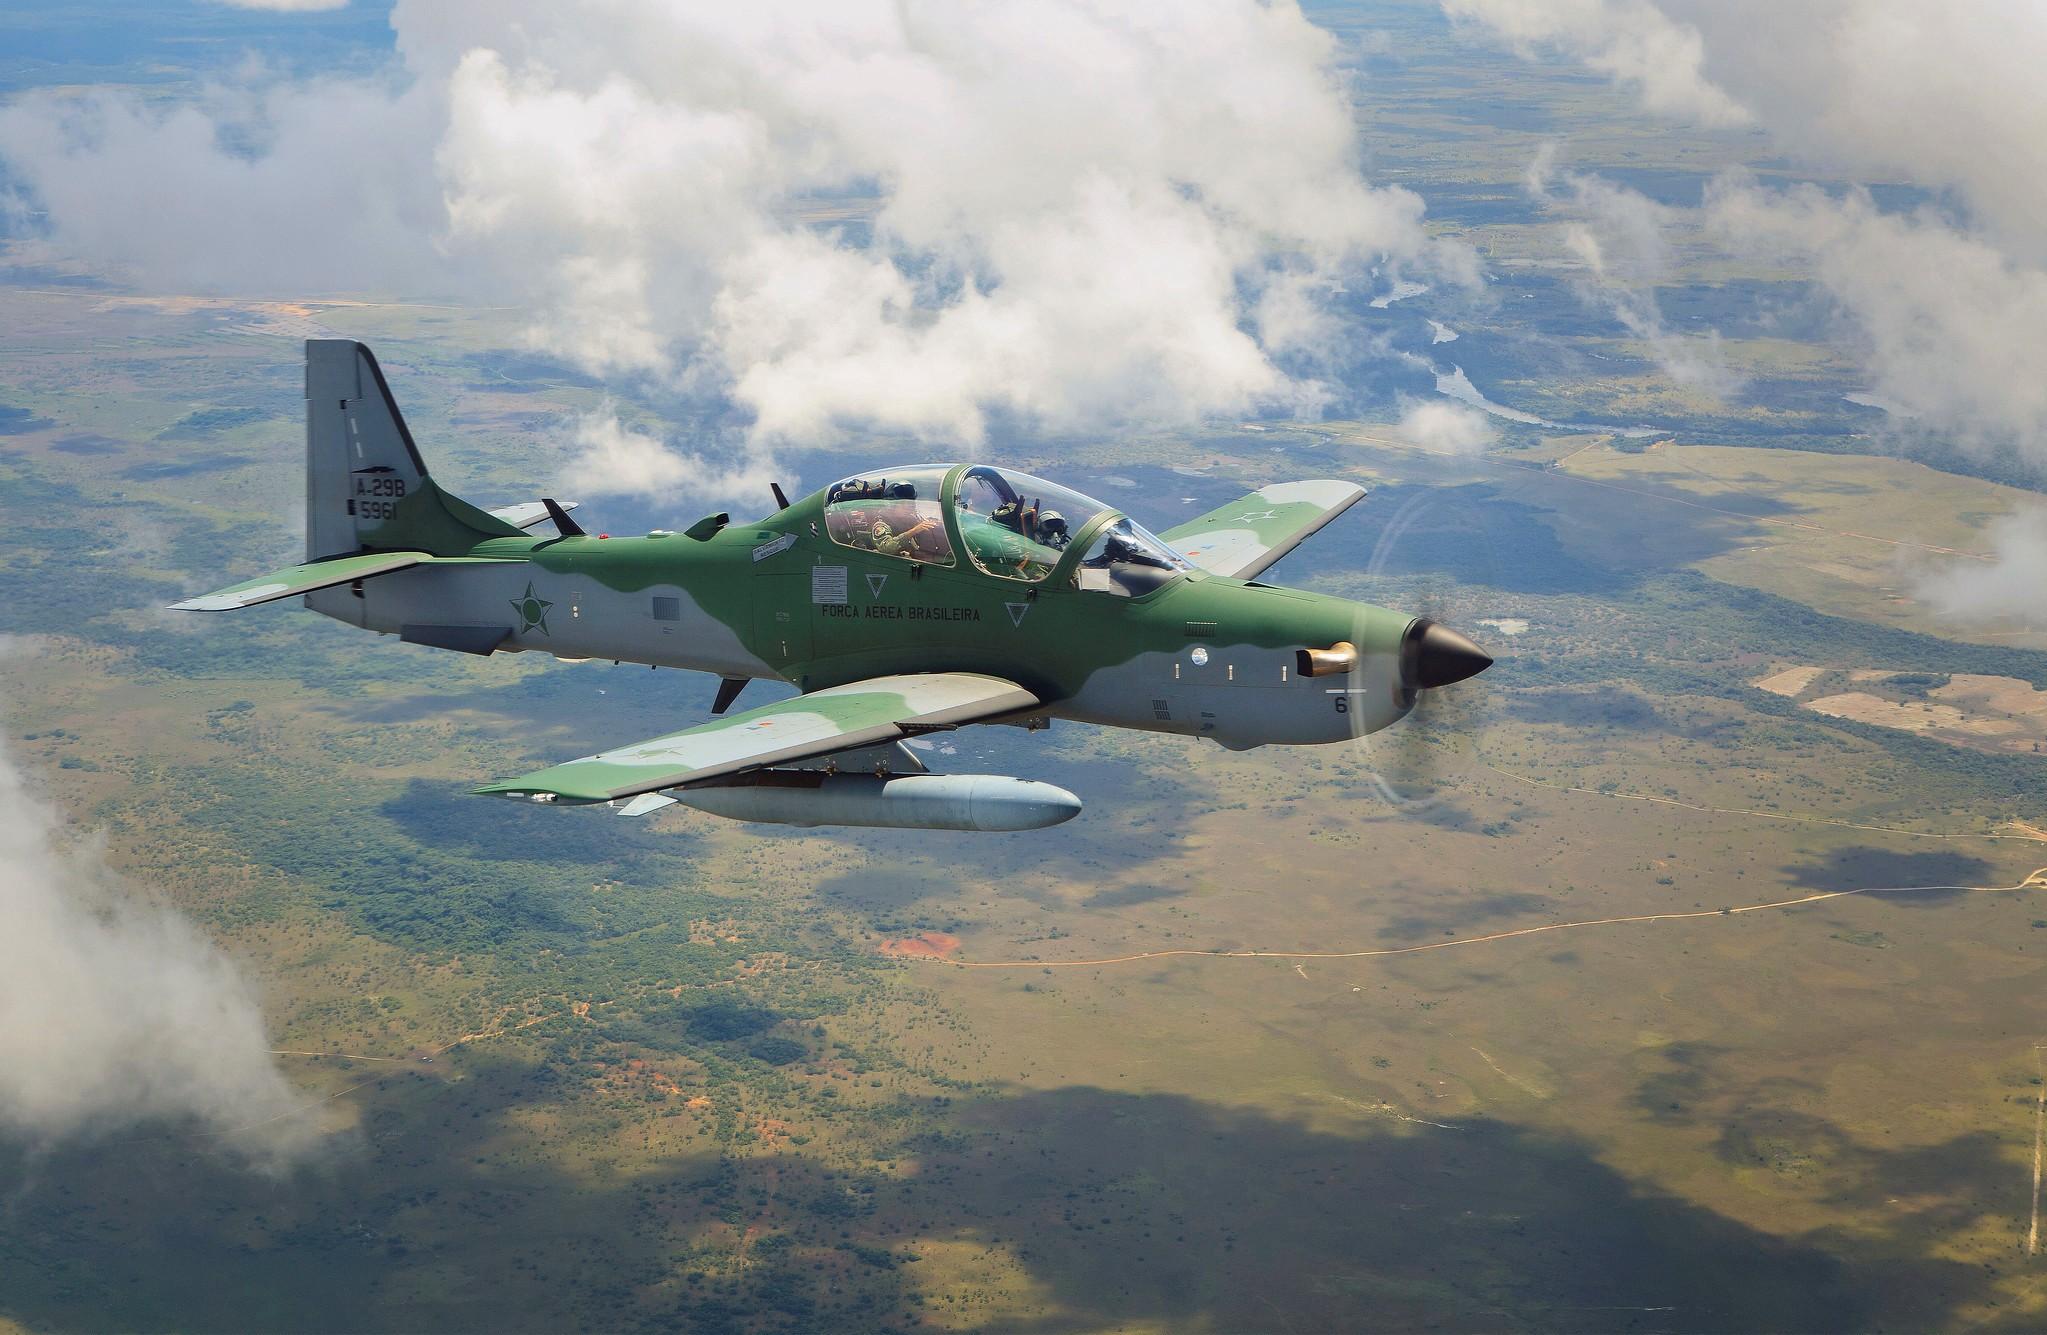 IMAGEM: Super Tucano cai no Mato Grosso do Sul e piloto consegue se ejetar